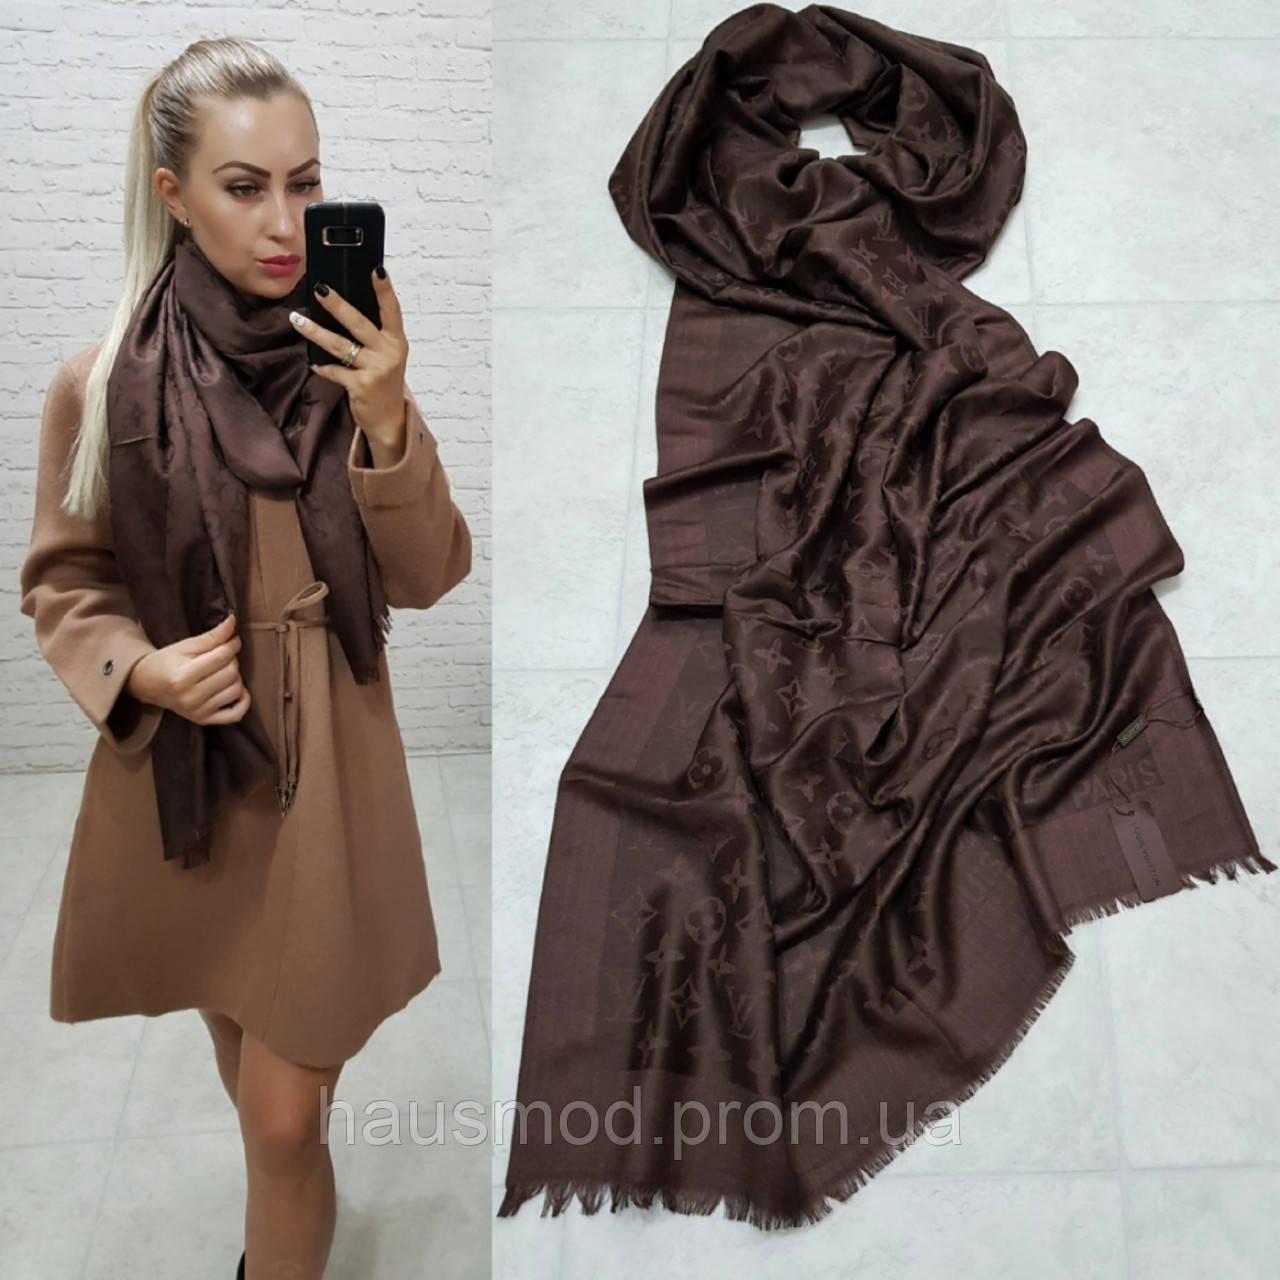 Женский палантин шарф брендовый репликаLouis Vuitton65% шелк 35% кашемир размер 190×0.70 см цвет коричневый